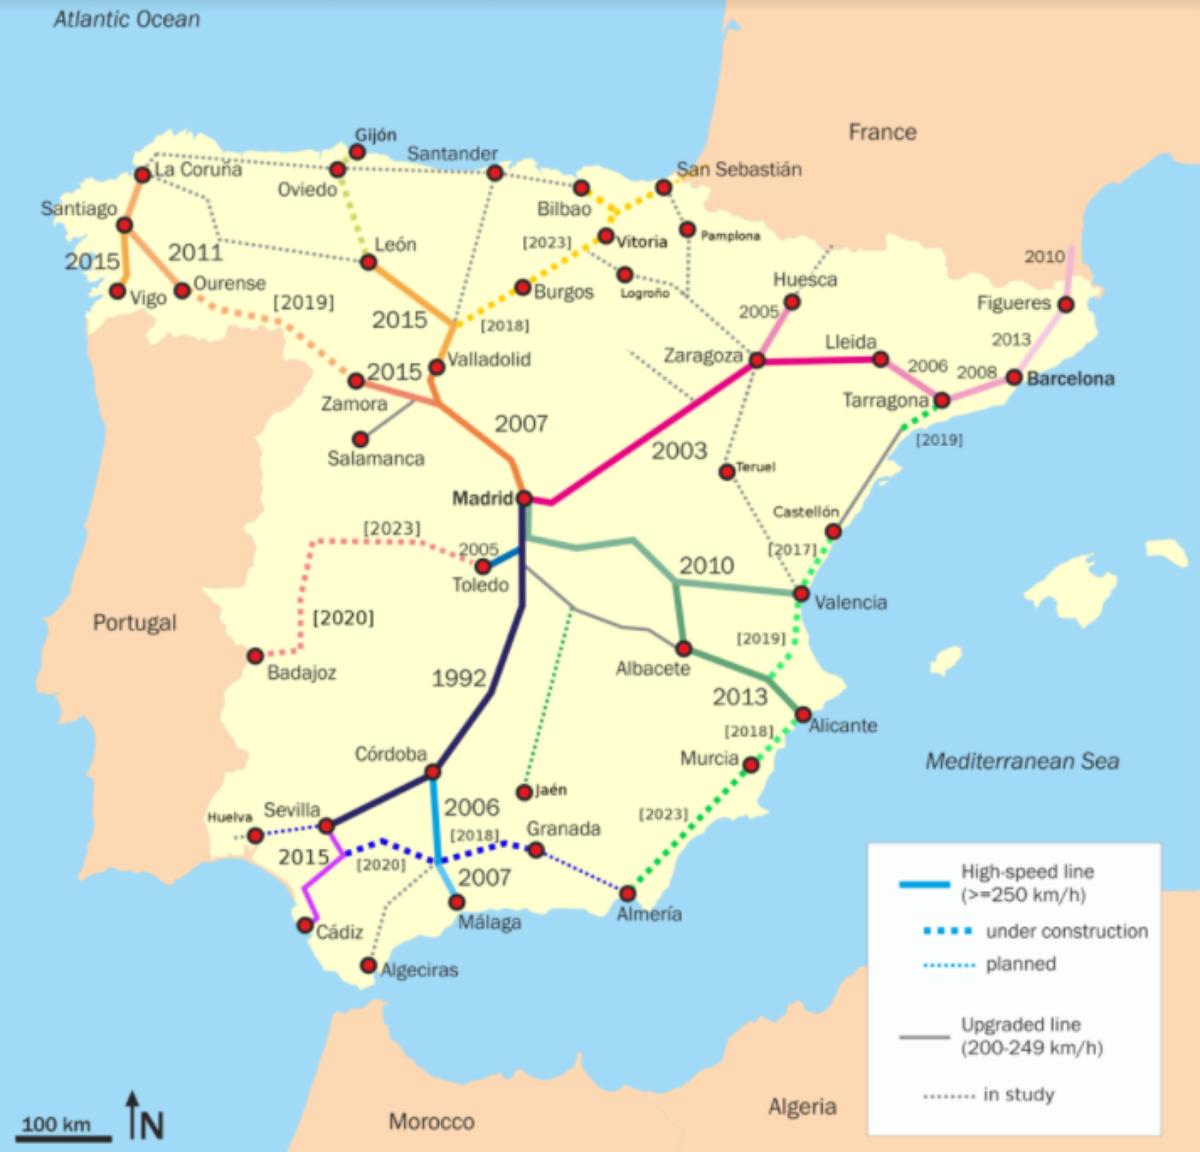 西班牙高鐵的發展圖。再中央化的政策非常明顯,所以路線都以馬德里為本,原全忽略加泰隆拿的需要。(網上圖片)